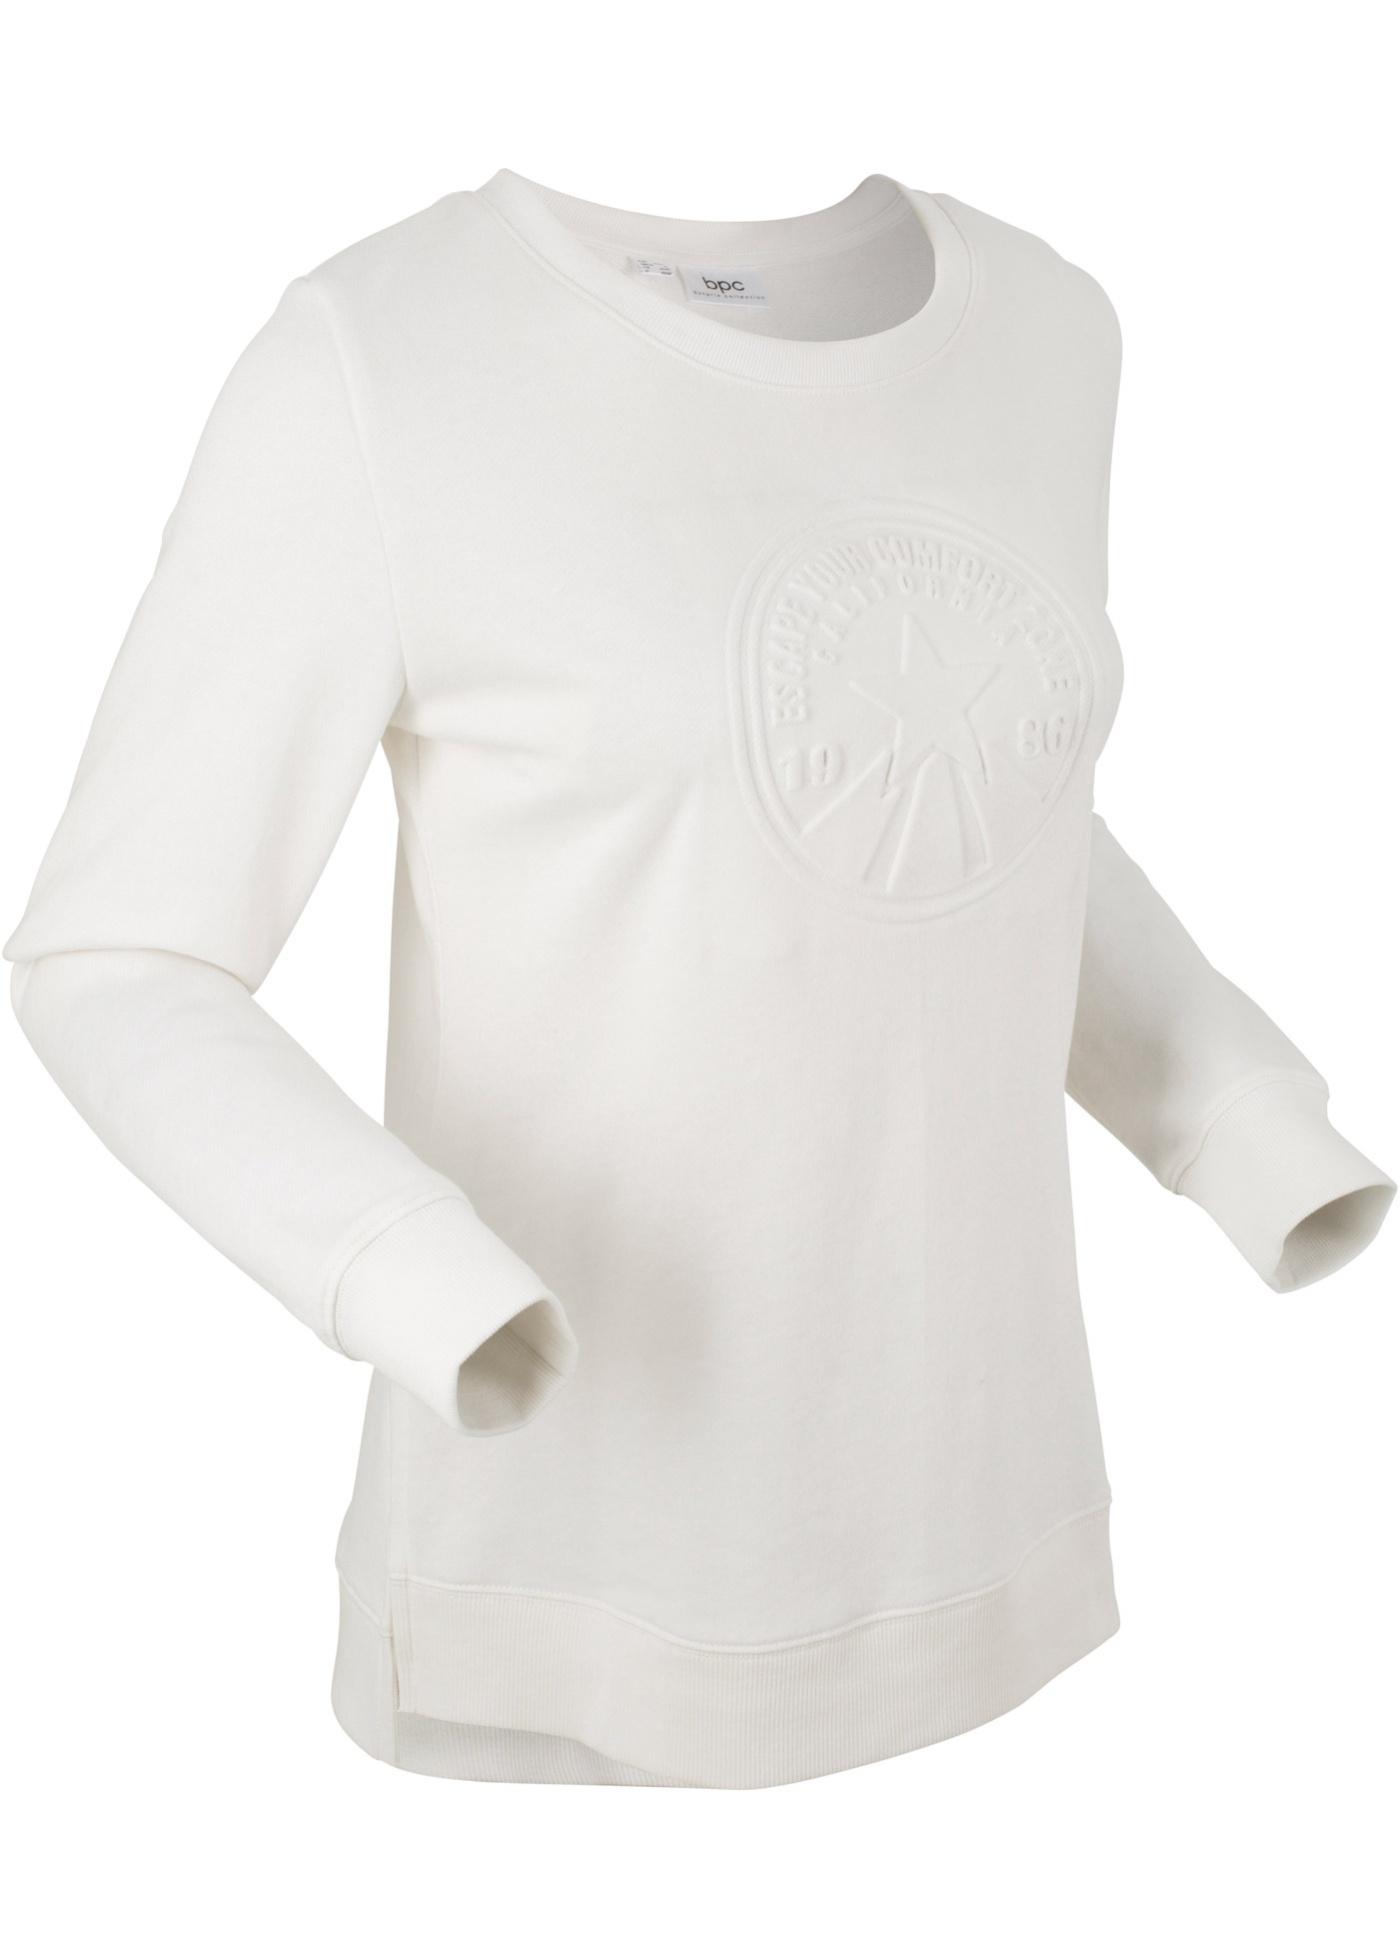 Mikina s raženým motivem, dlouhý rukáv - Bílá